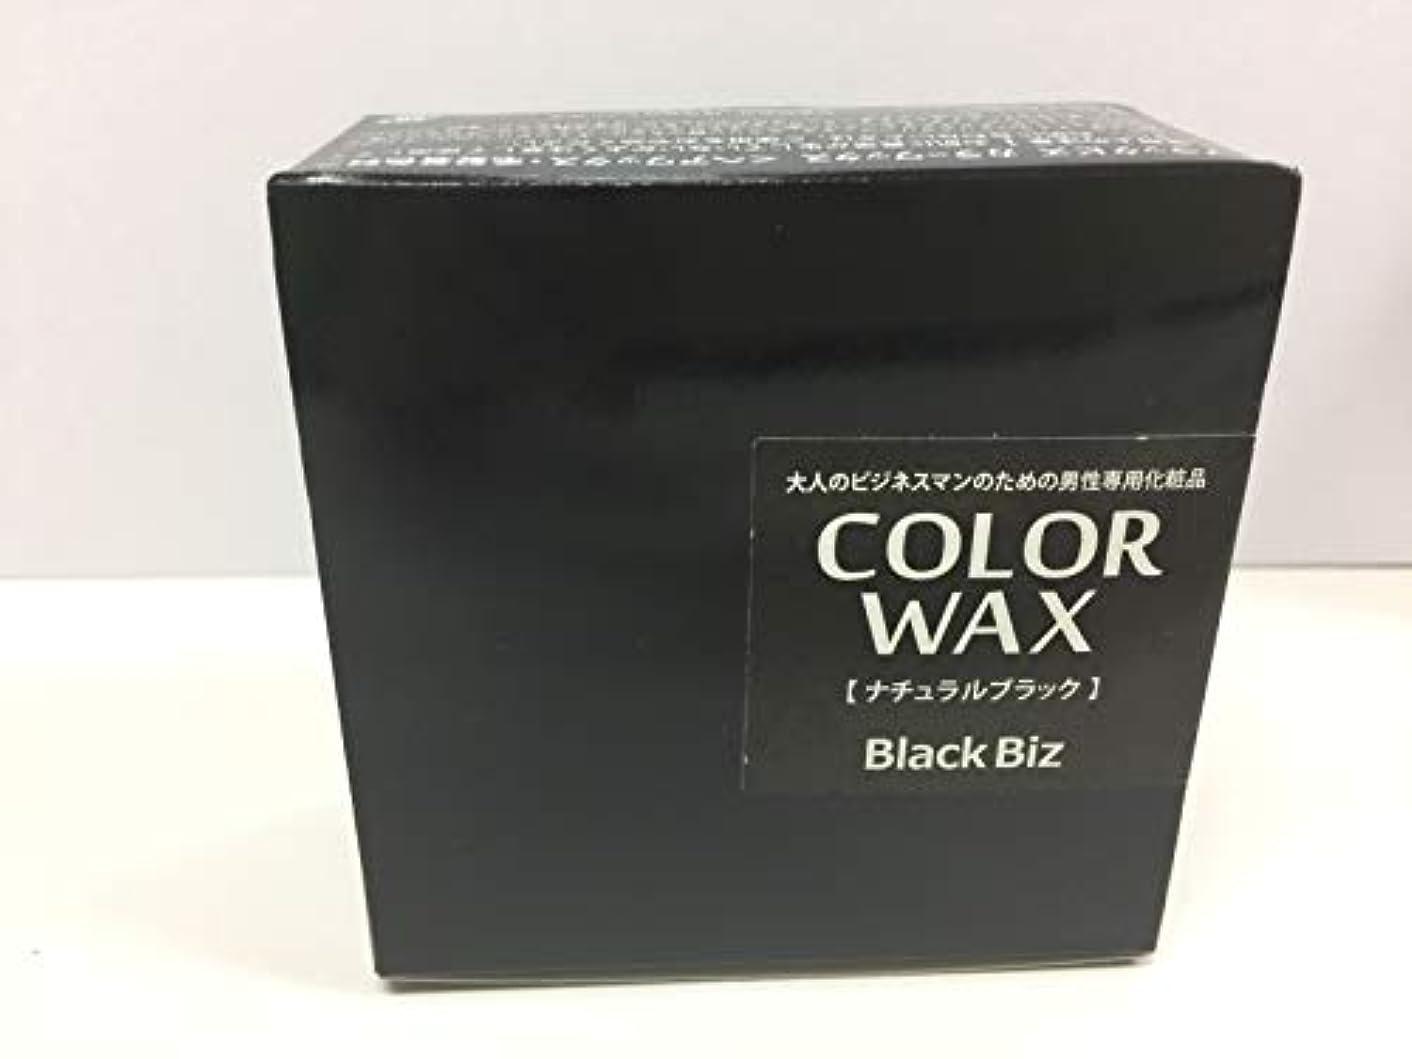 後退する飼い慣らすできない大人のビジネスマンのための男性専用化粧品 BlackBiz COLOR WAX ブラックビズ カラーワックス 【ナチュラルブラック】